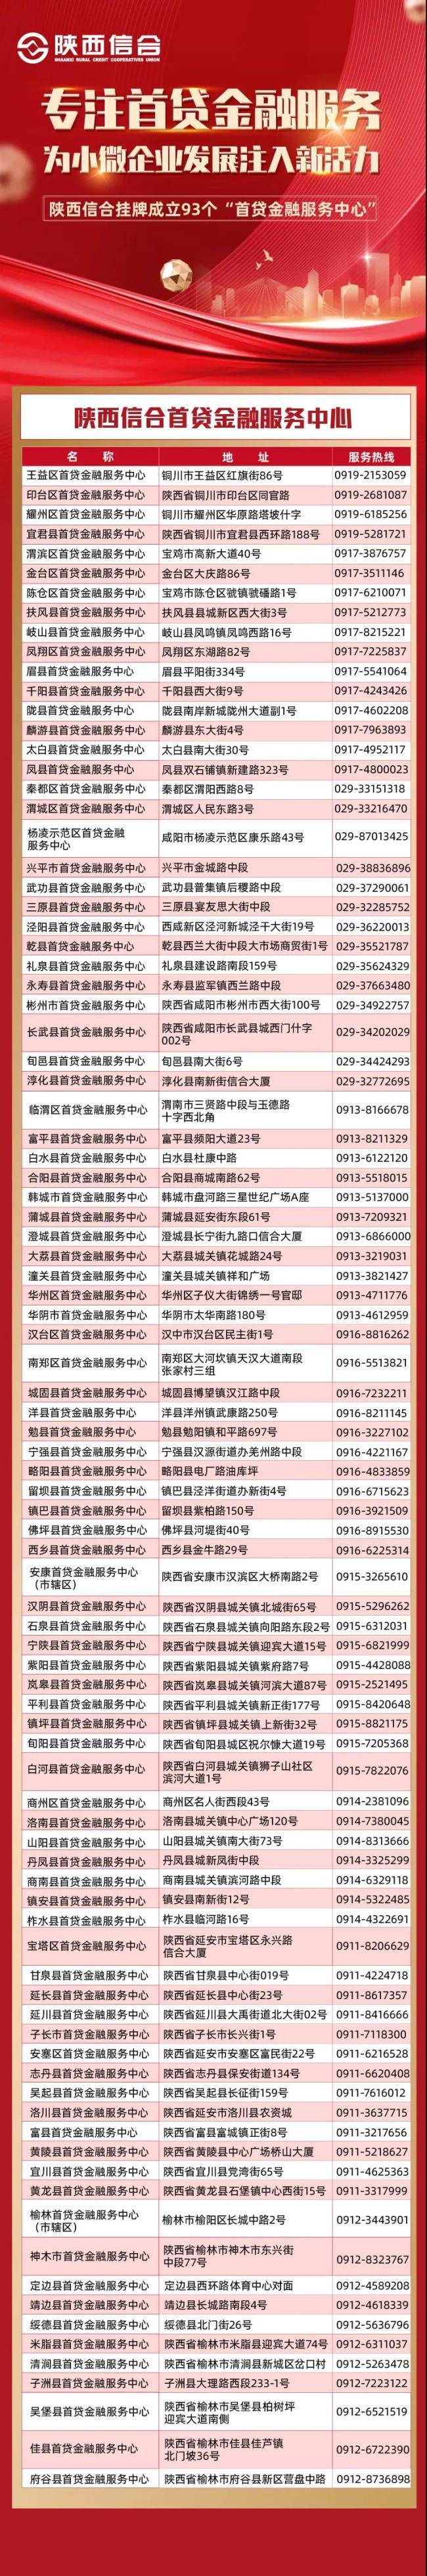 """陕西信合挂牌成立93个""""首贷金融服务中心"""""""